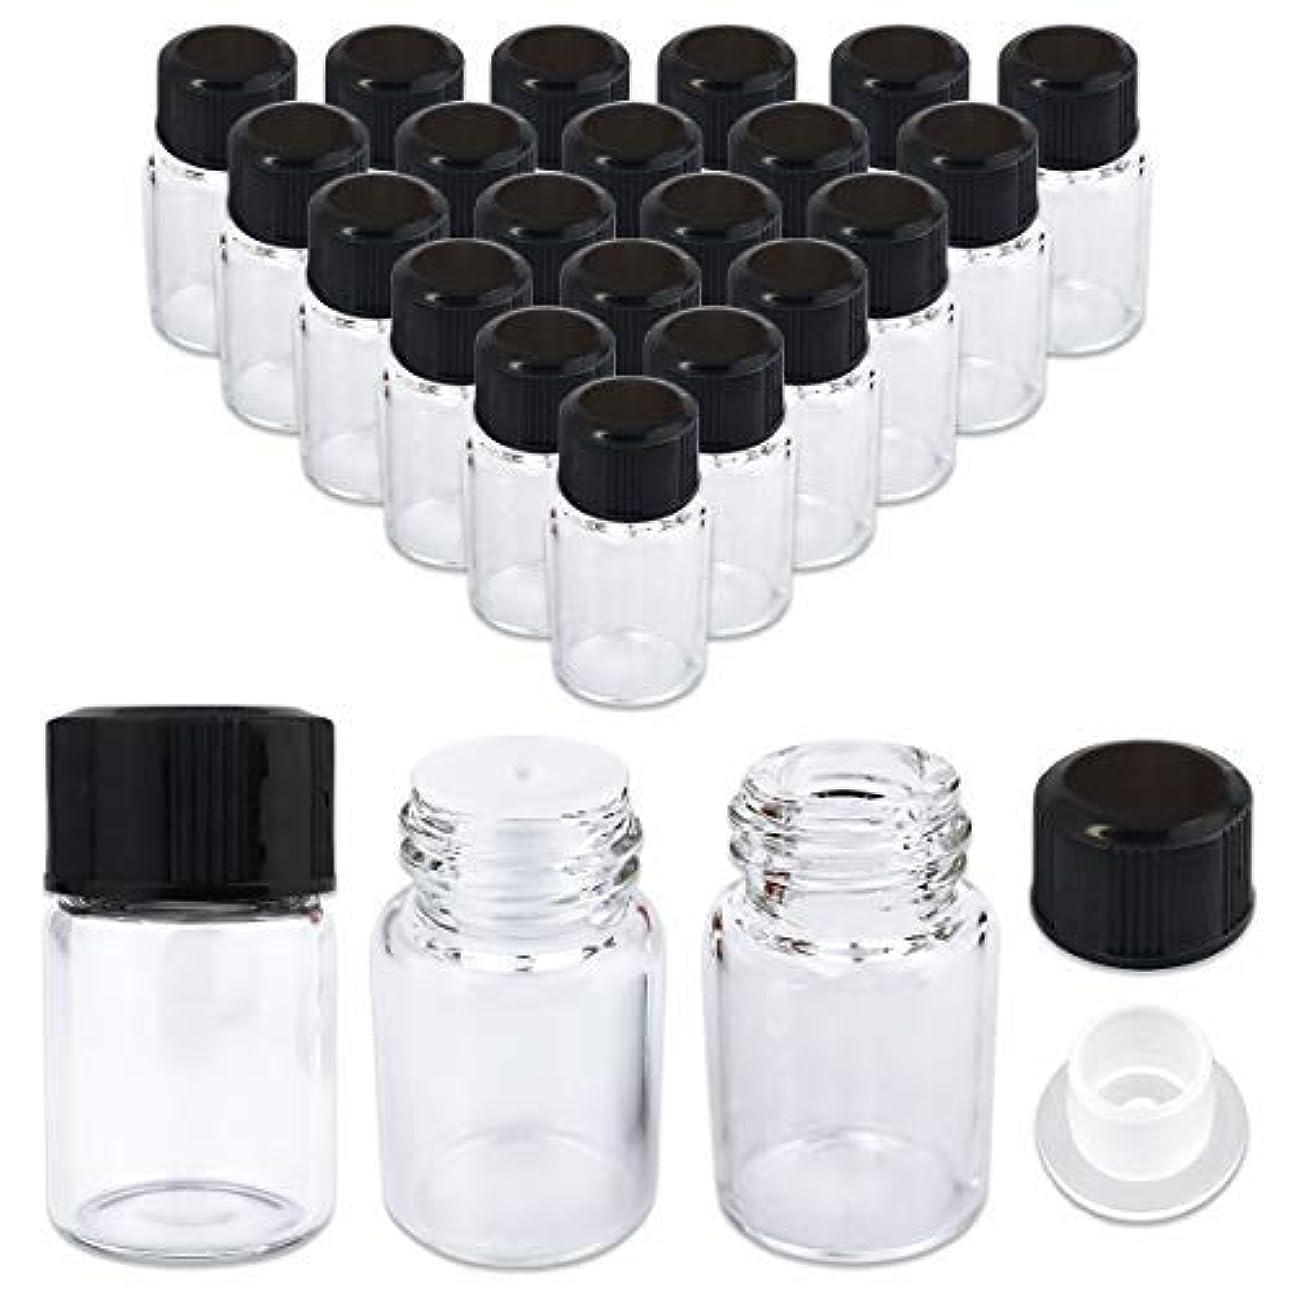 再生的ねじれバンガロー24 Packs Beauticom 2ML Clear Glass Vial for Essential Oils, Aromatherapy, Fragrance, Serums, Spritzes, with Orifice...